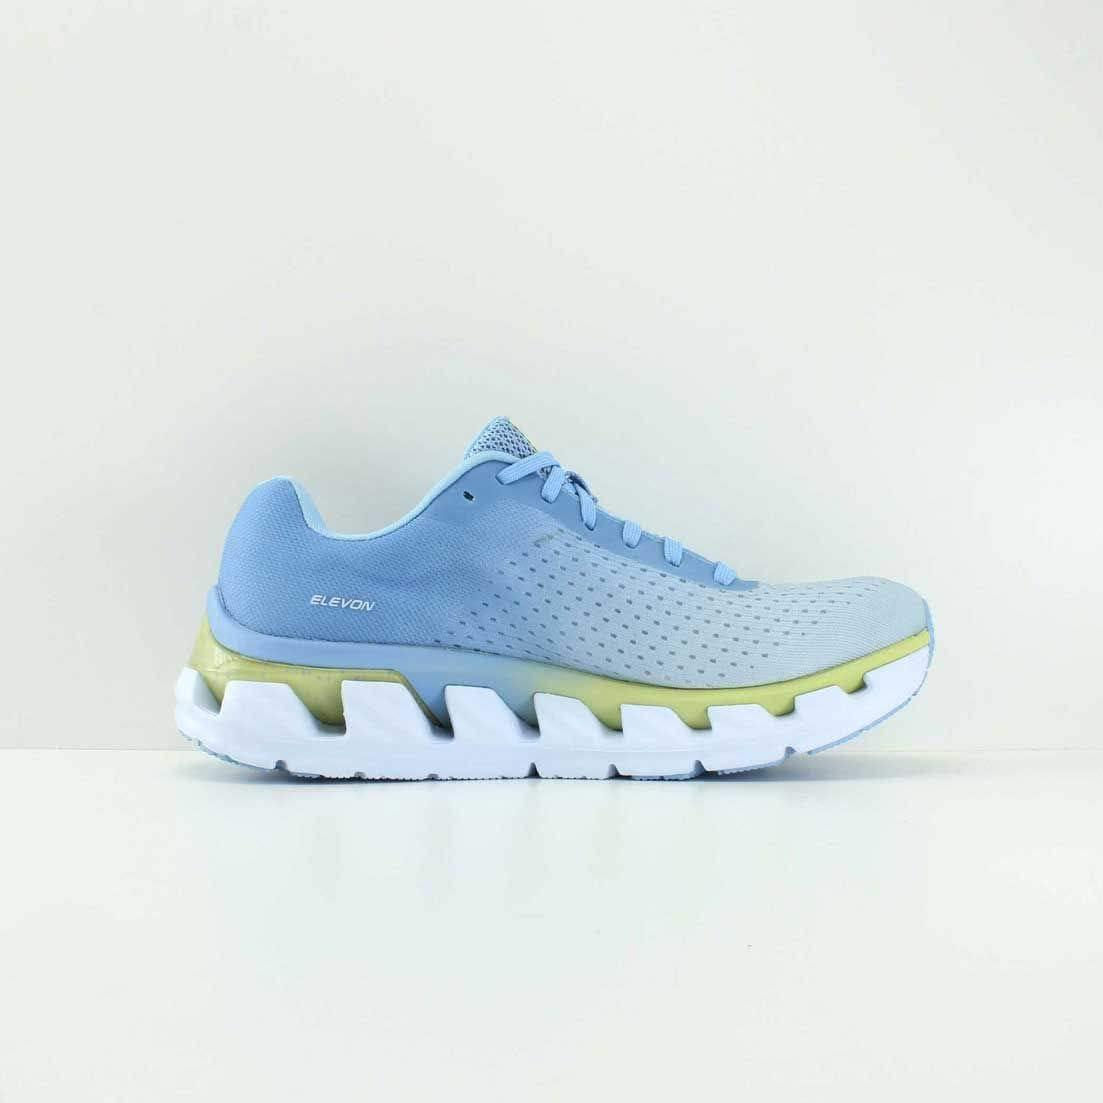 Hoka Trail Elevon - Zapatillas de Baloncesto para Mujer, Color Azul, Azul, 38: Amazon.es: Deportes y aire libre